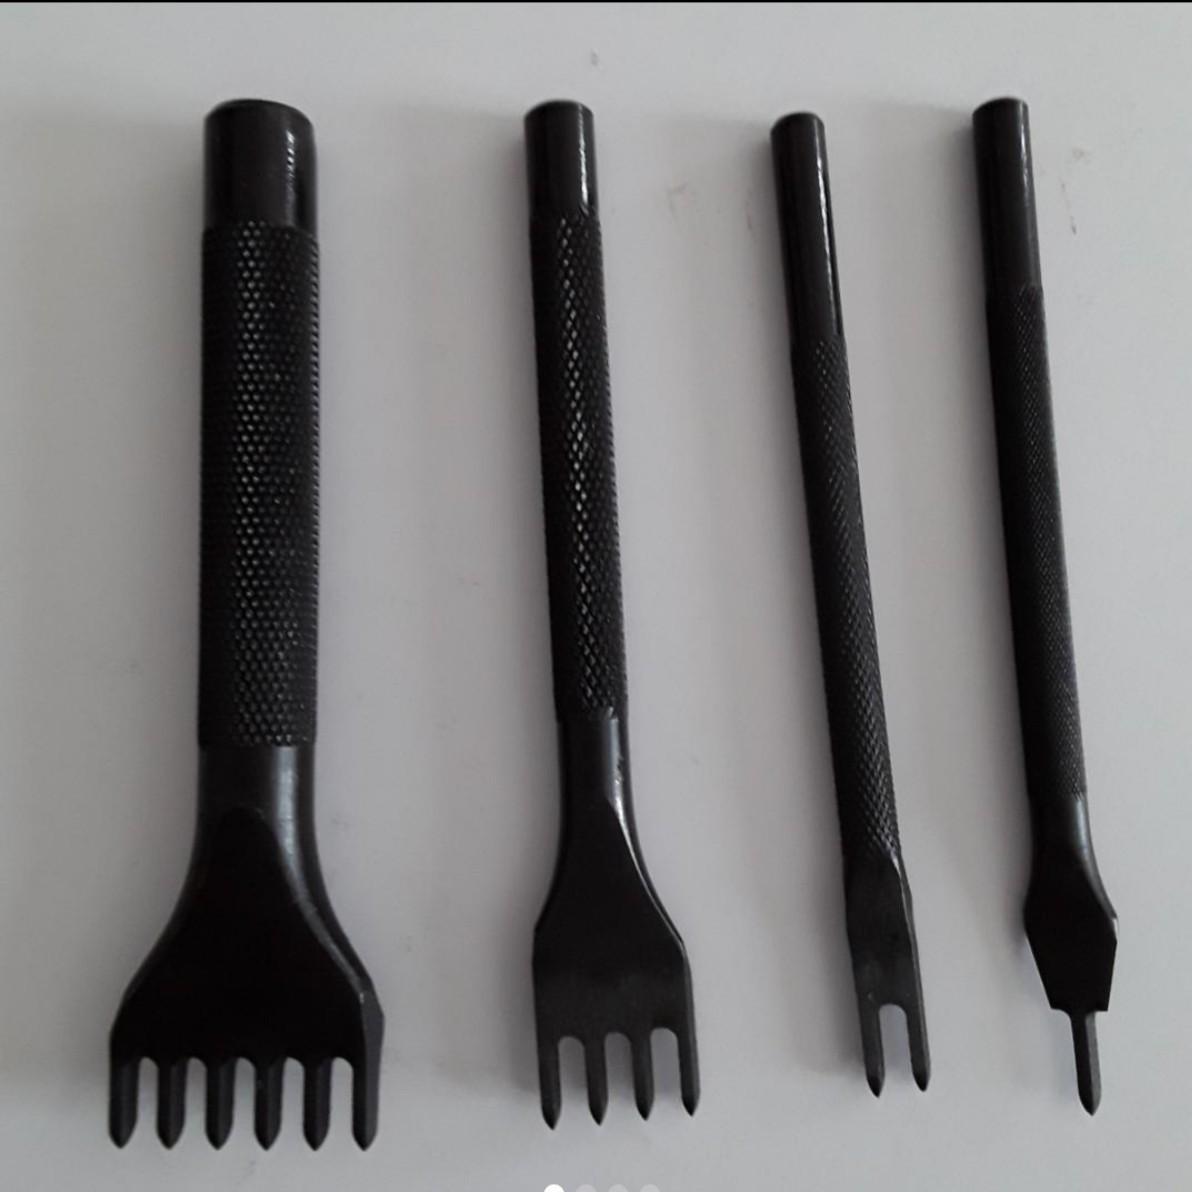 菱目打ち 3mm 4mm 5mm間隔、4本ずつ(1, 2, 4, 6本目)3セットレザークラフト道具